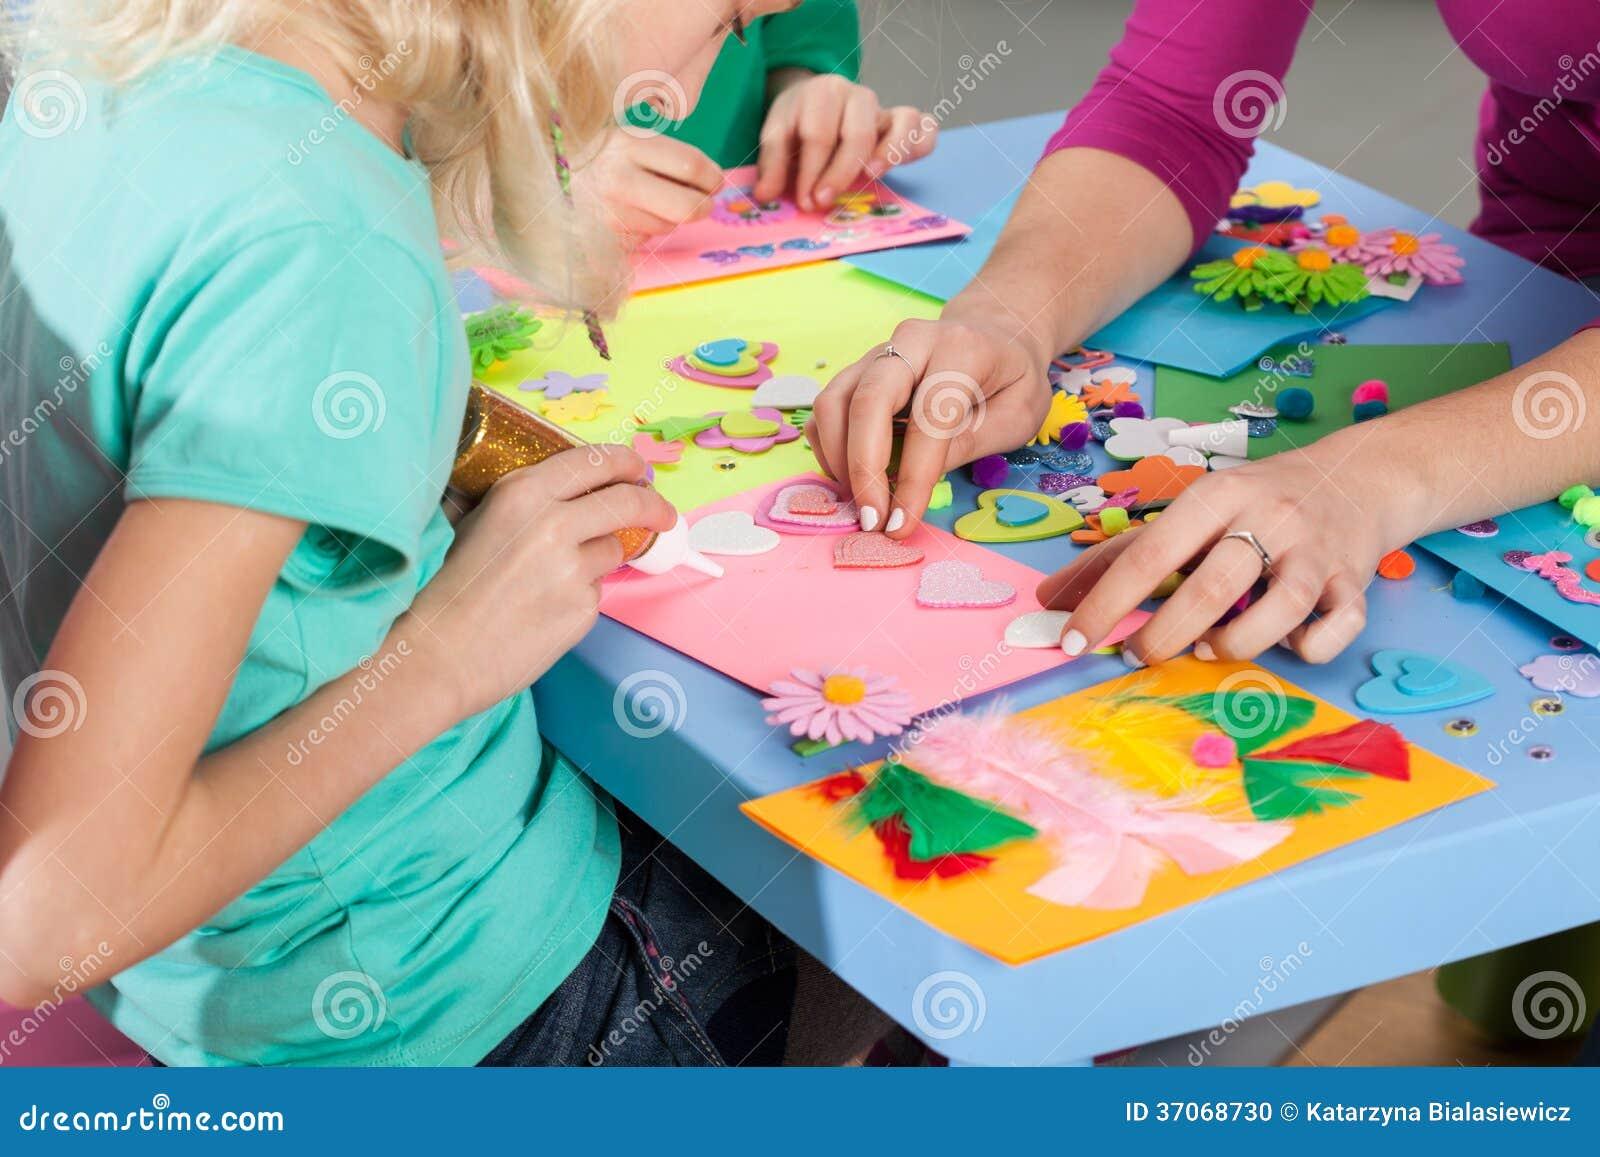 Παιδιά που κάνουν τις διακοσμήσεις σε χαρτί